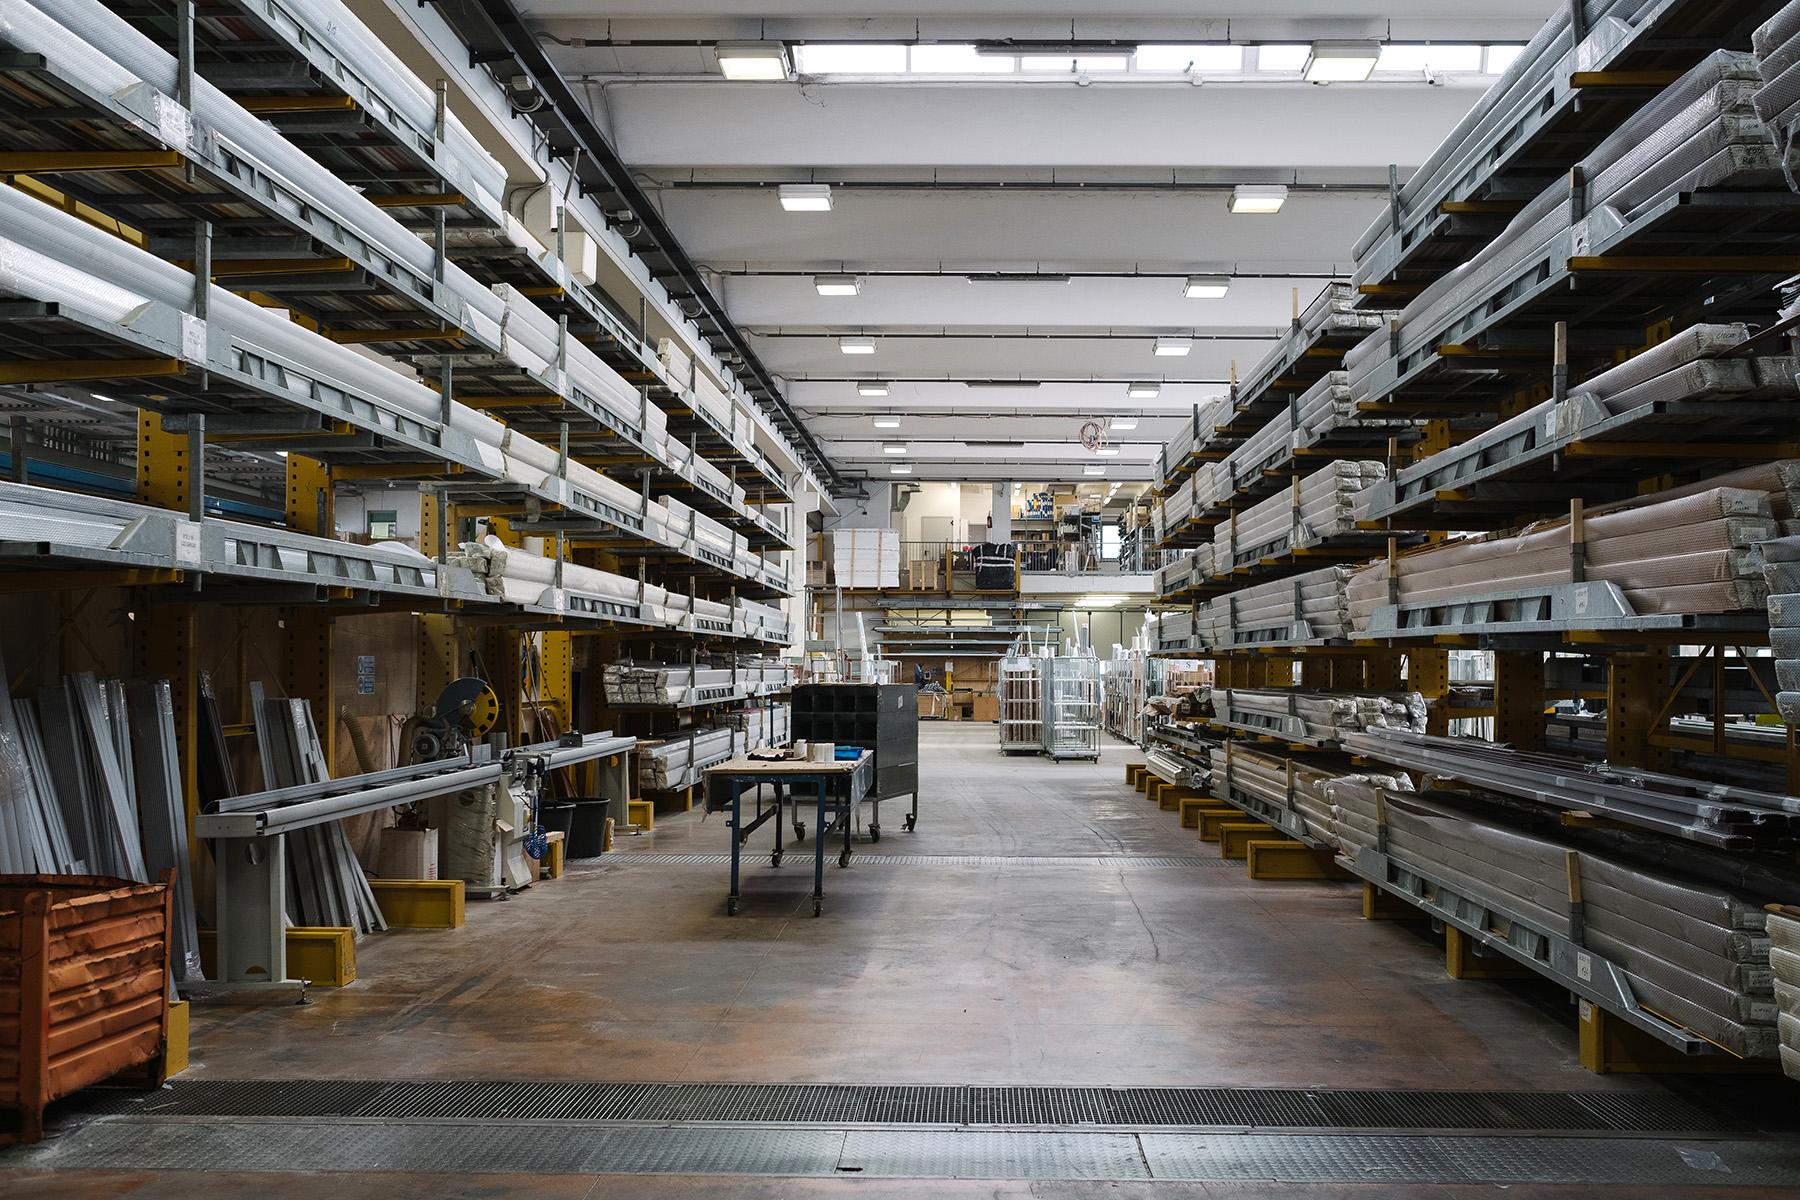 servizi fotografici industriali rimini